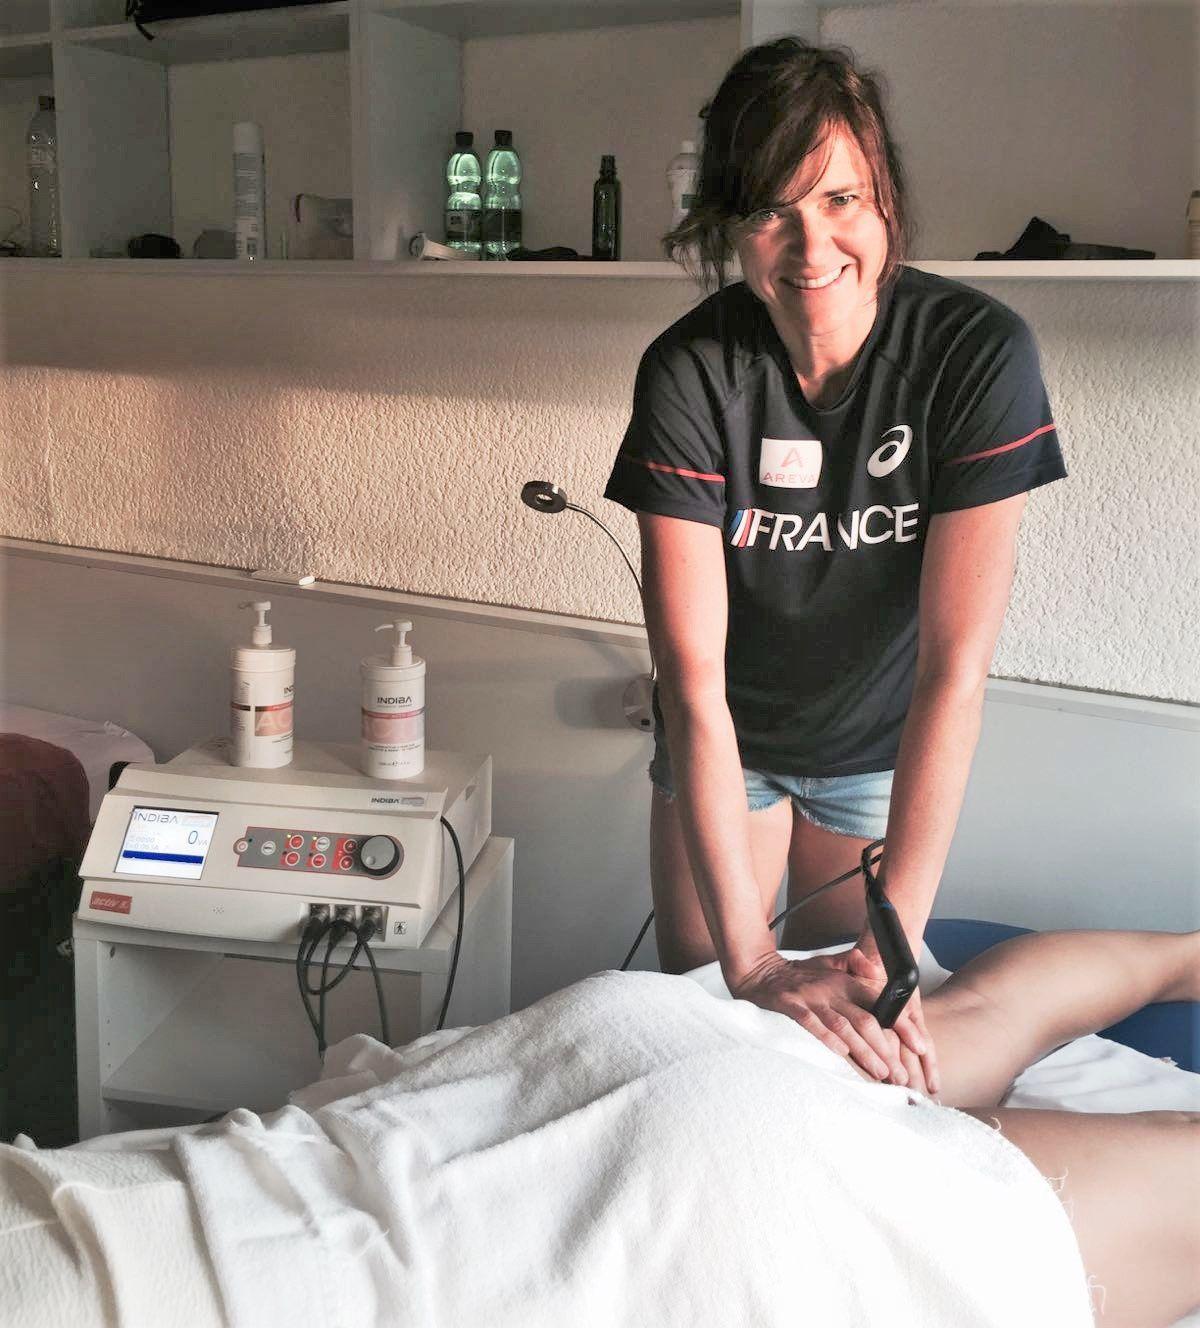 Isabelle Moellinger kinésithérapeute de la Fédération Française d'Athlétisme, en train de traiter un athlète lors d'un stage à Barcelone